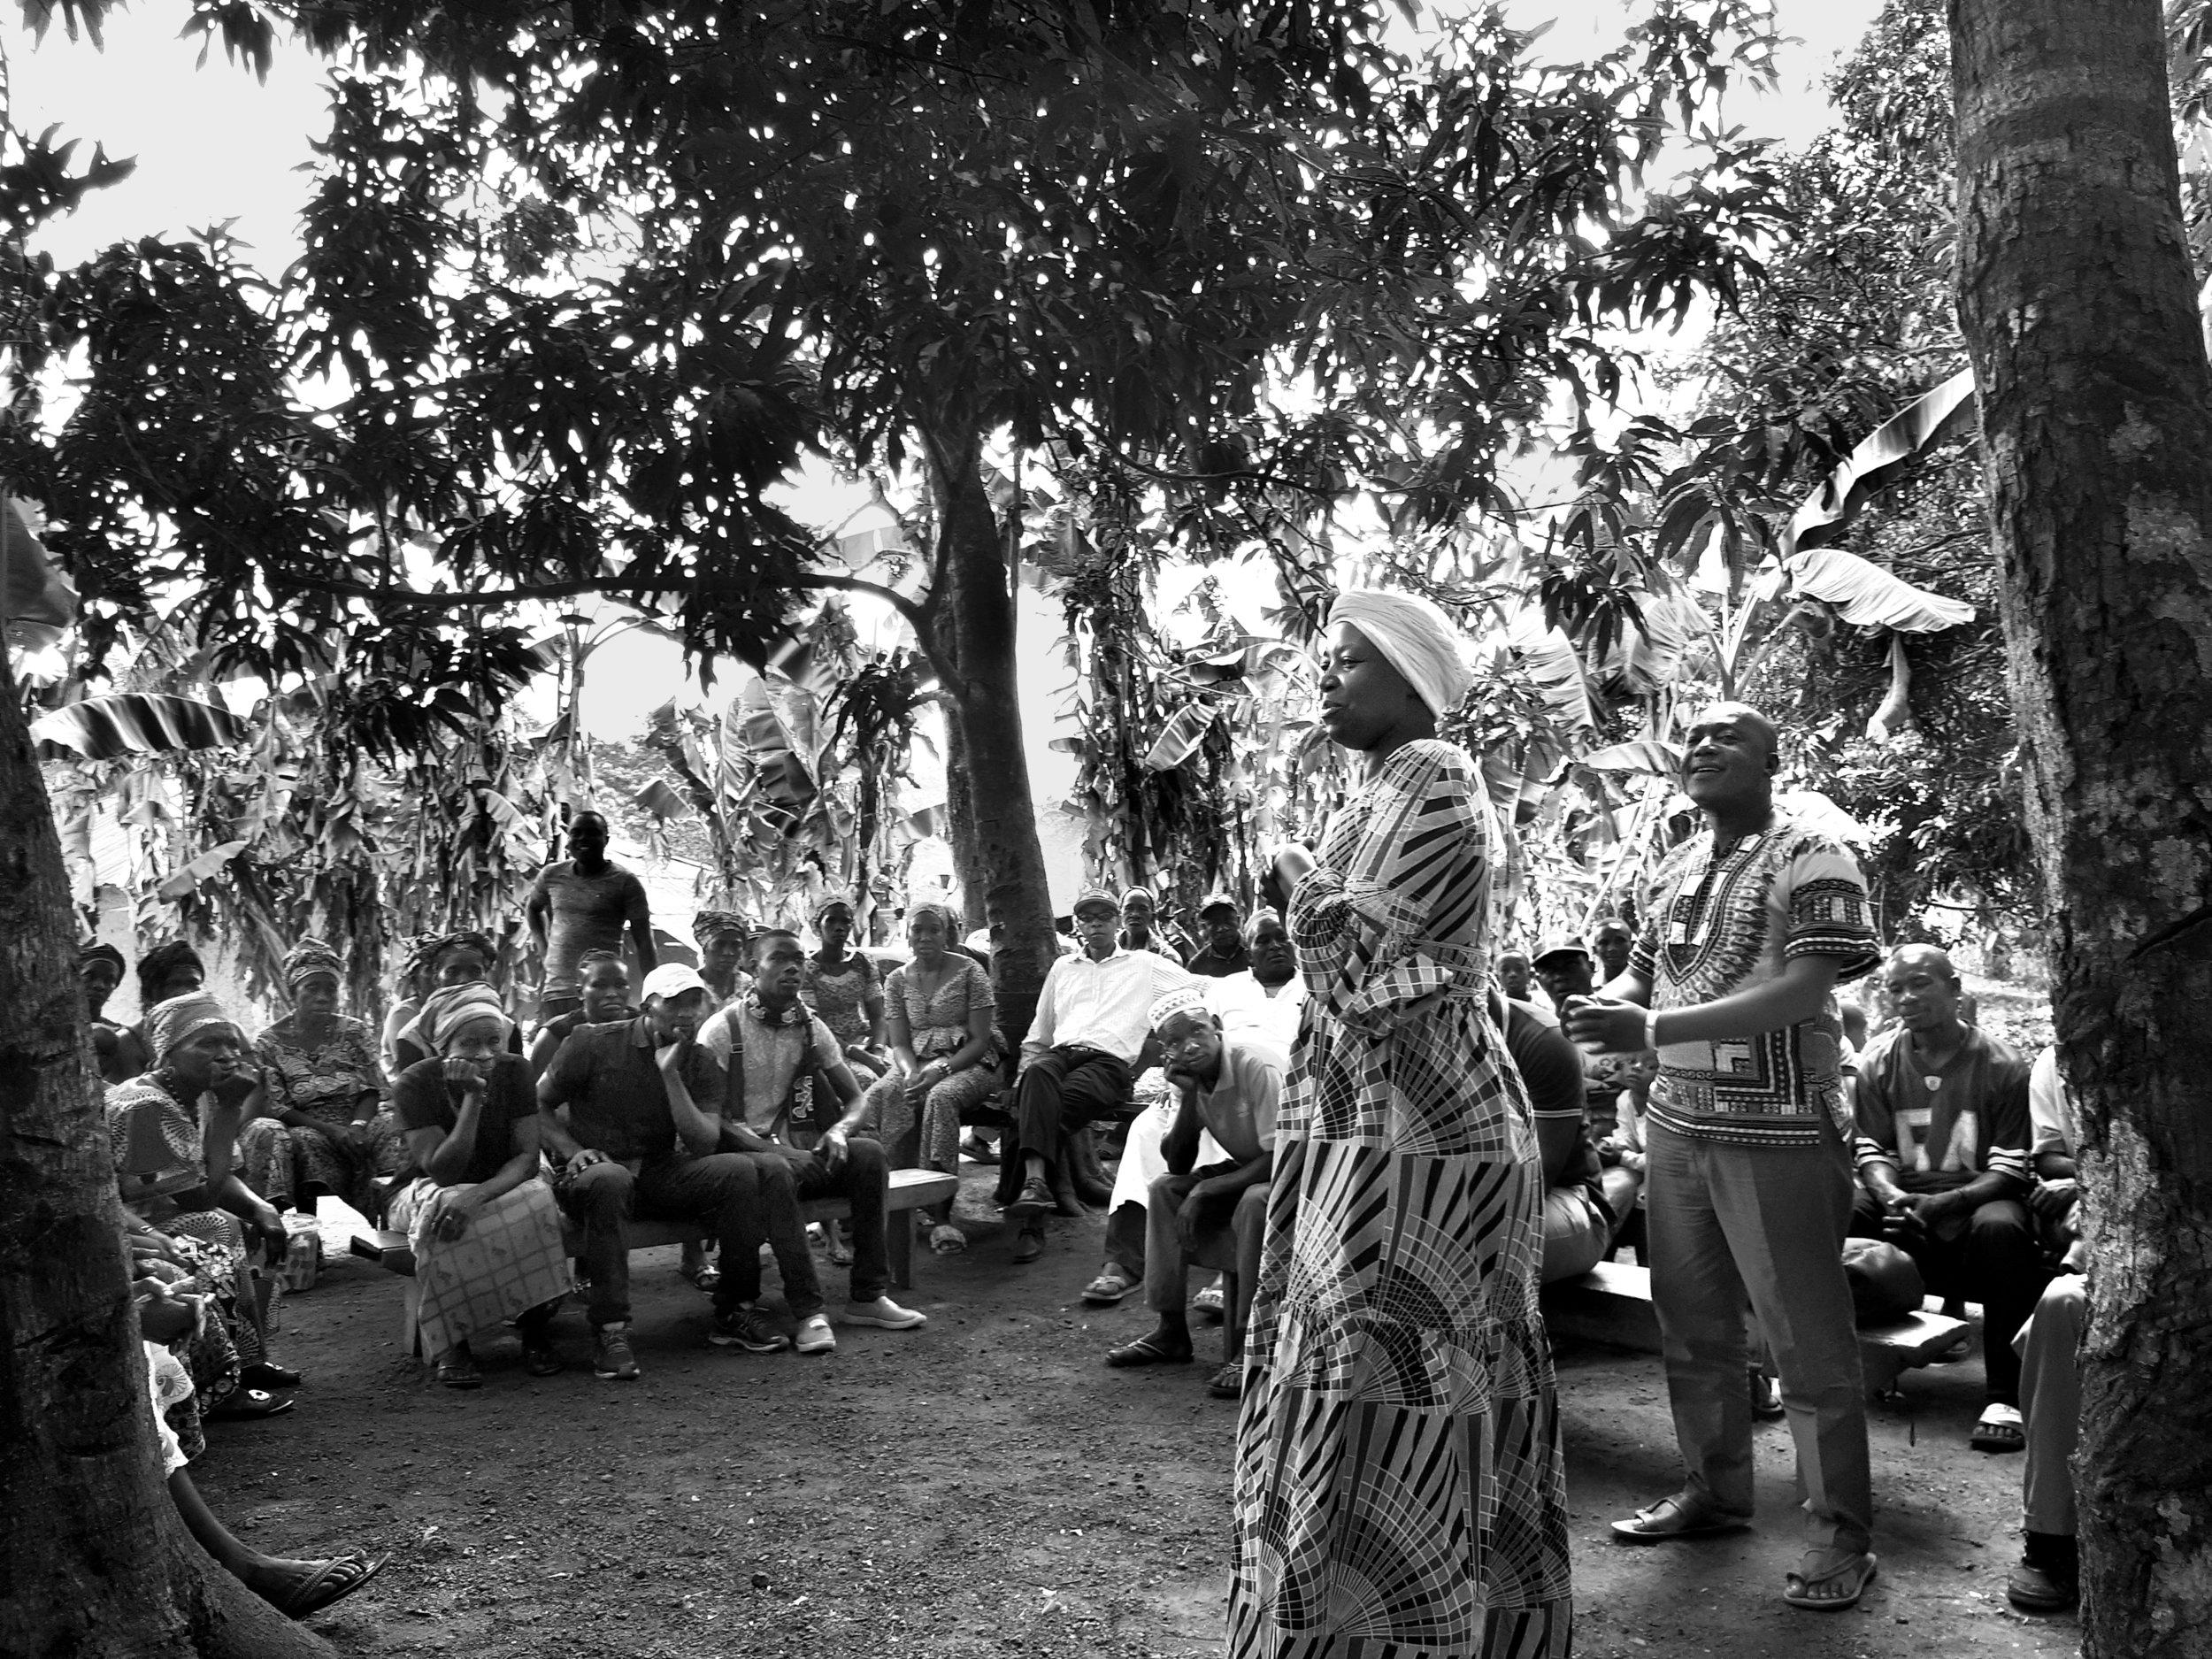 En Sierra Leone, des villages échangent des informations sur leur lutte contre l'accaparement des terres. Photo: GRAIN